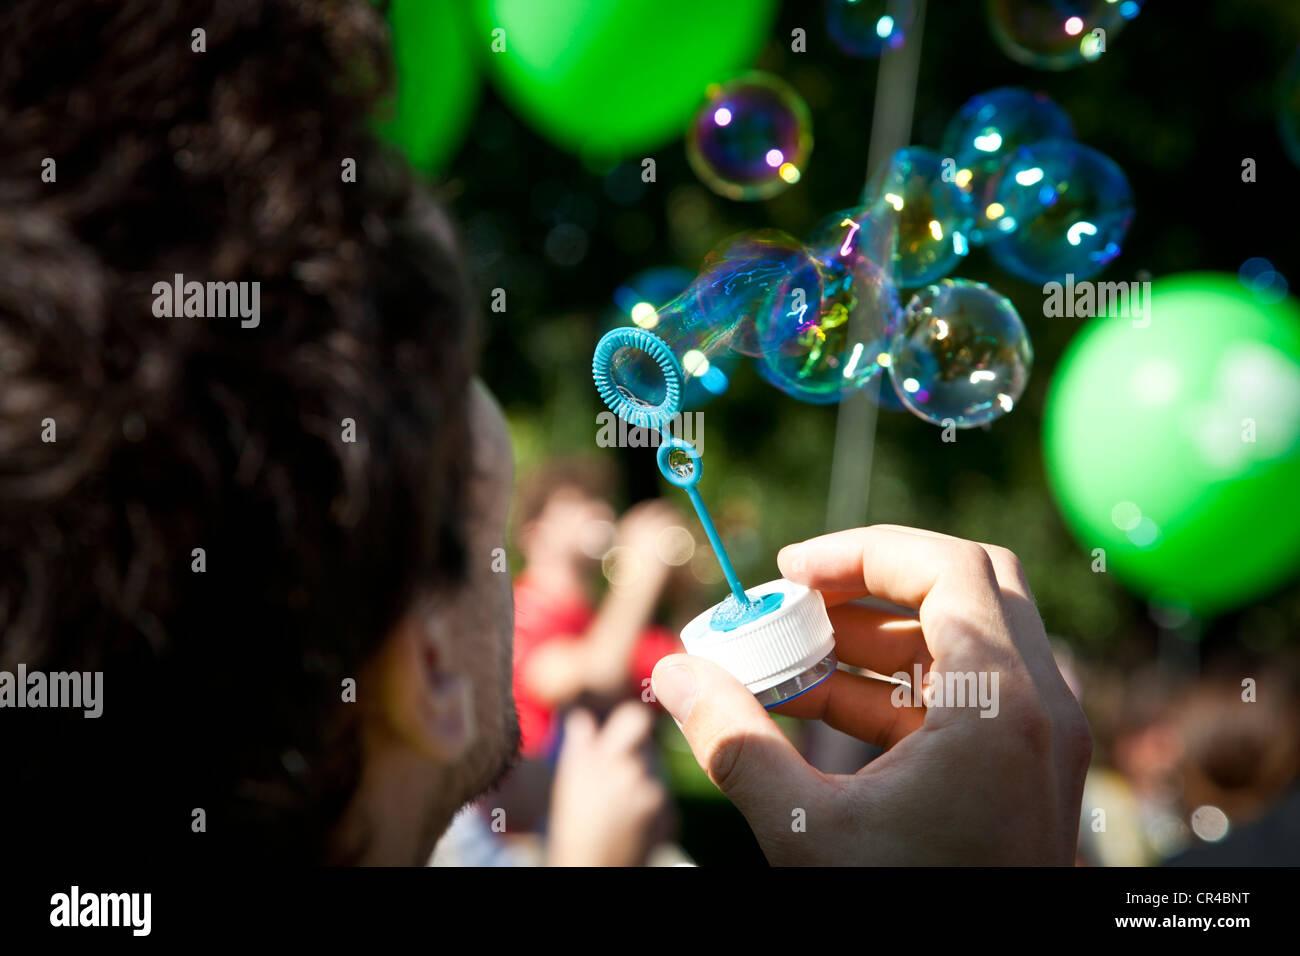 Park festivities at Parc Monceau, Paris, France, Europe - Stock Image